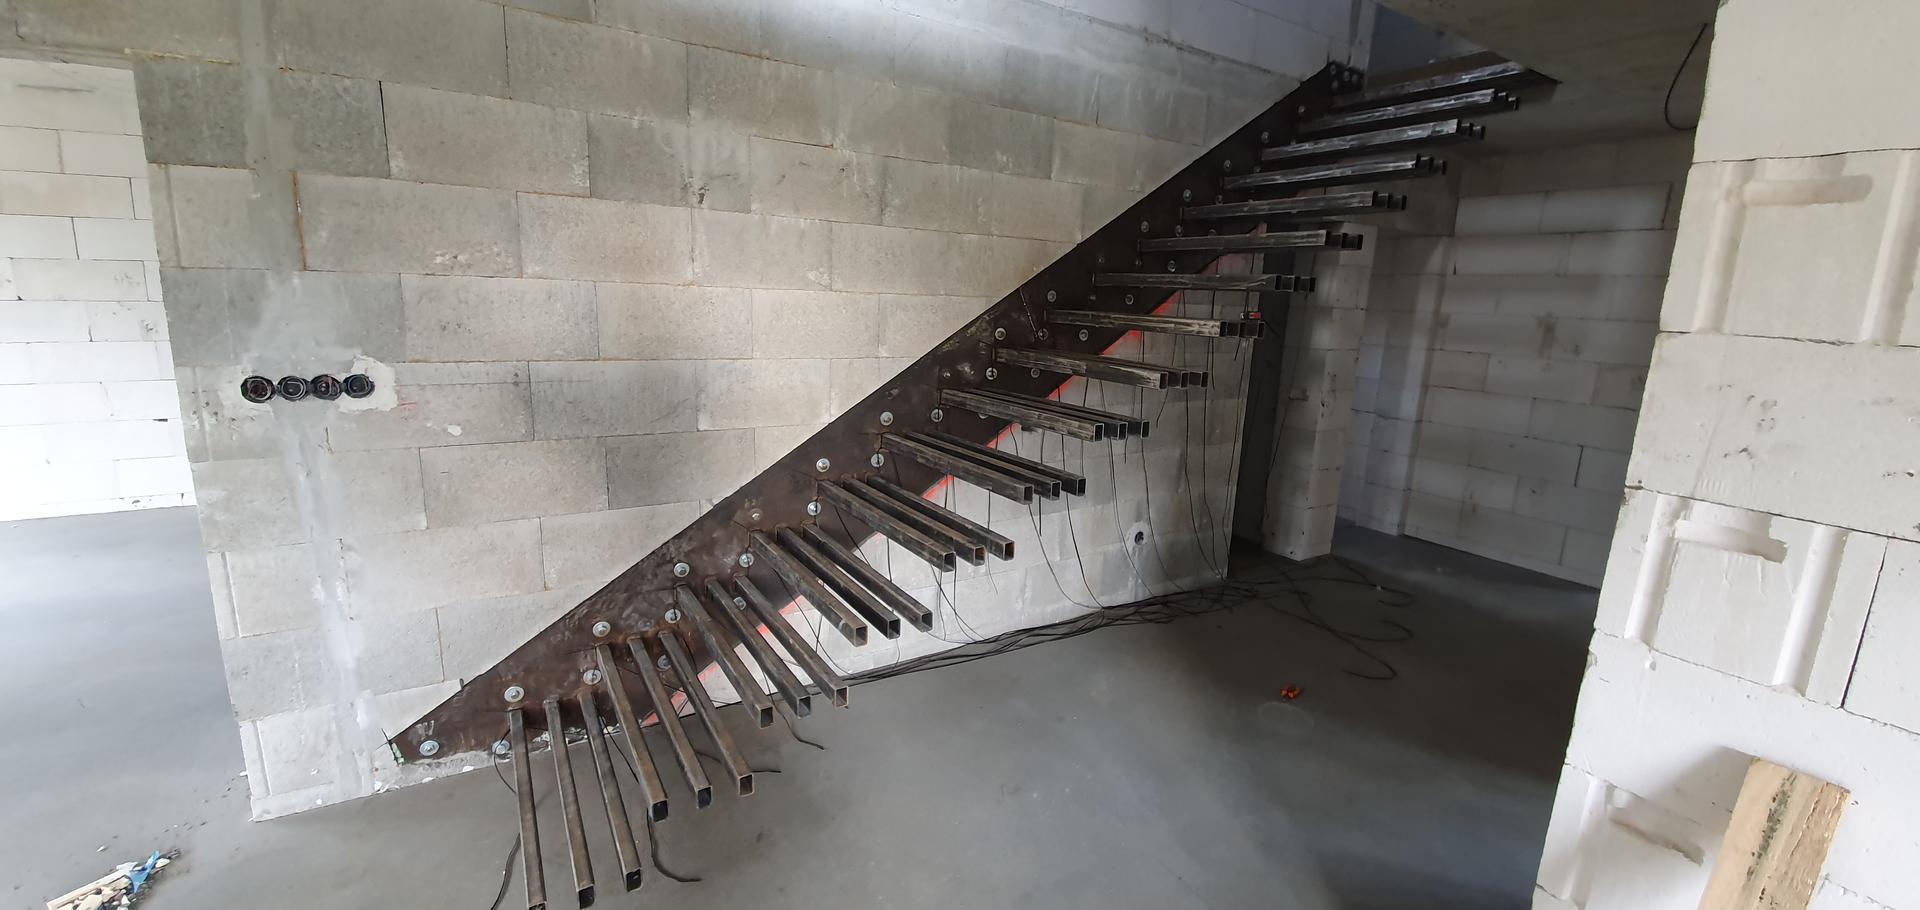 Konzolove schodisko (samonosne schody) - tahanie elektriny (dvojlinky)  na LED pasiky pre kazdu schodnicu.